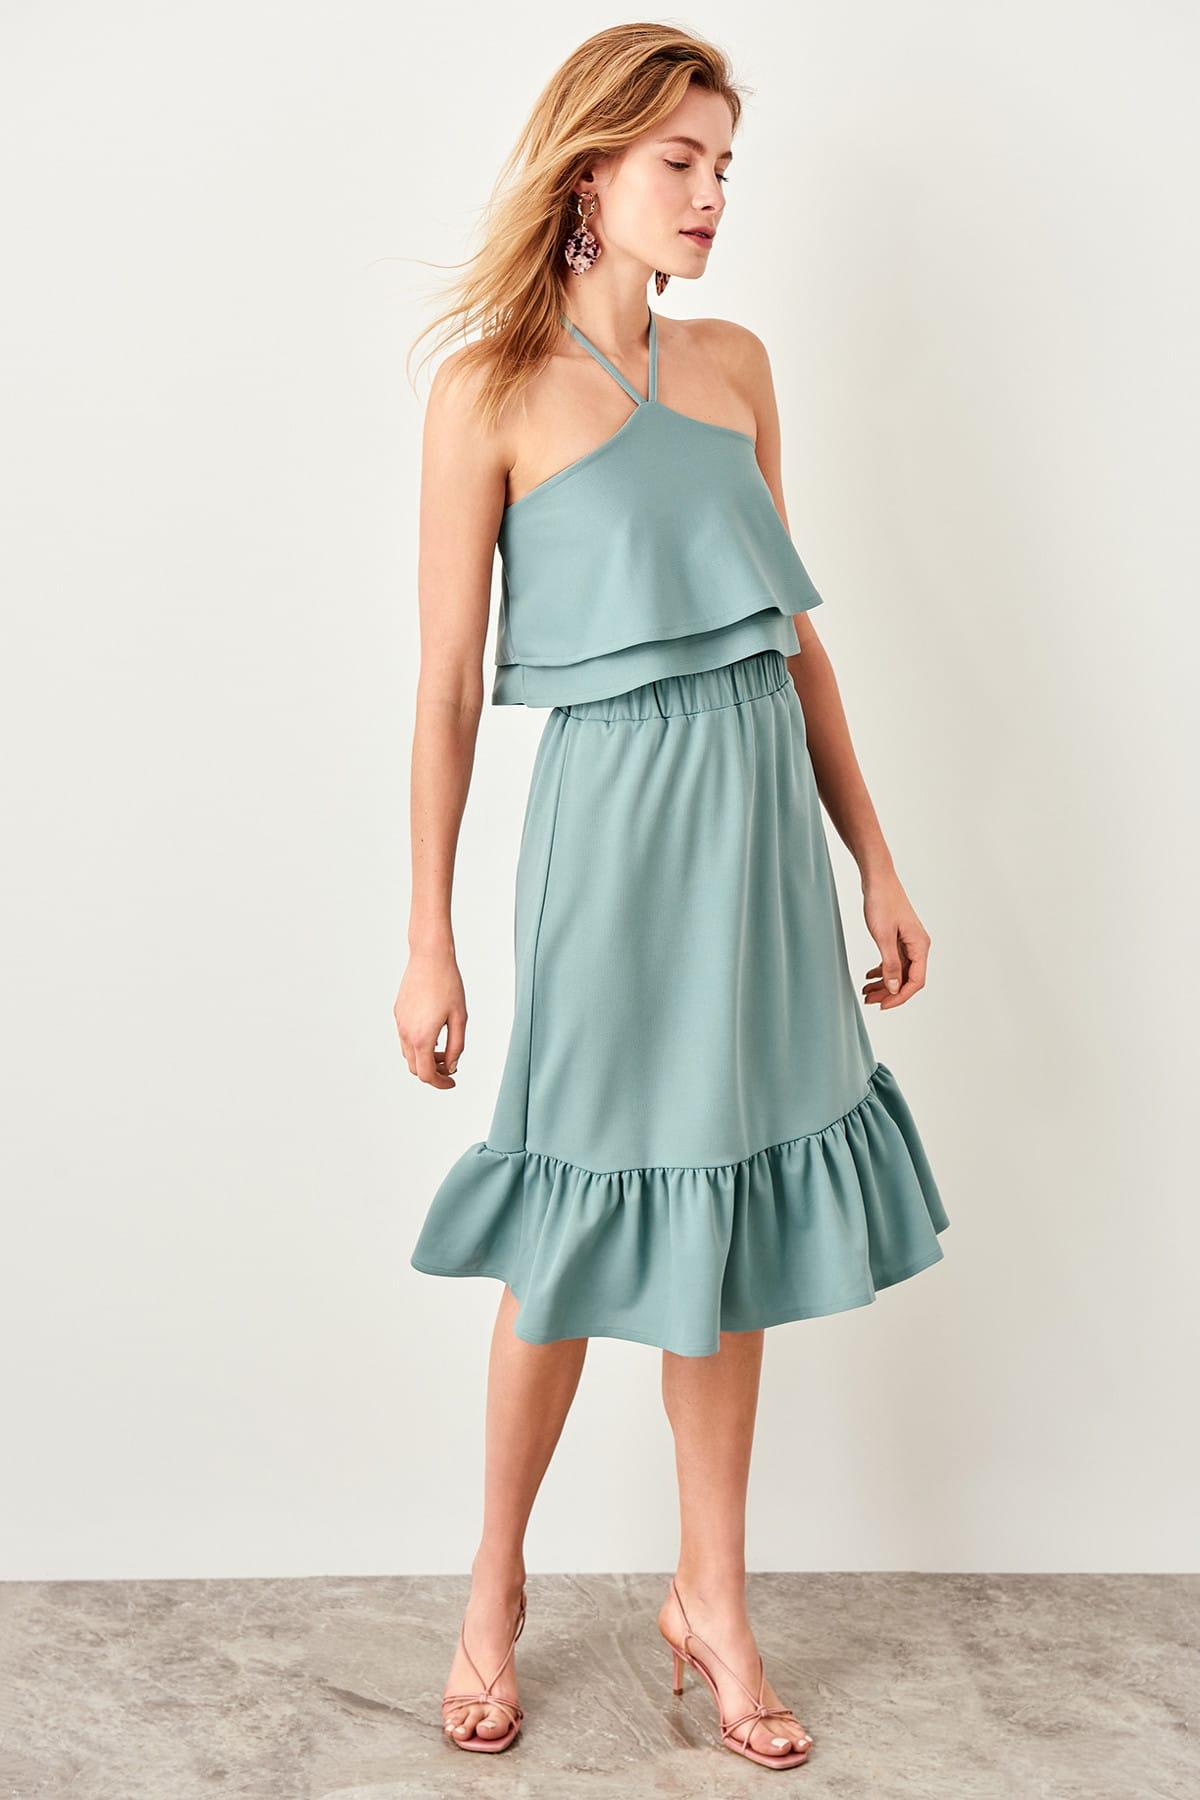 Trendyol Mint Hand-Wheel Knitting Skirt